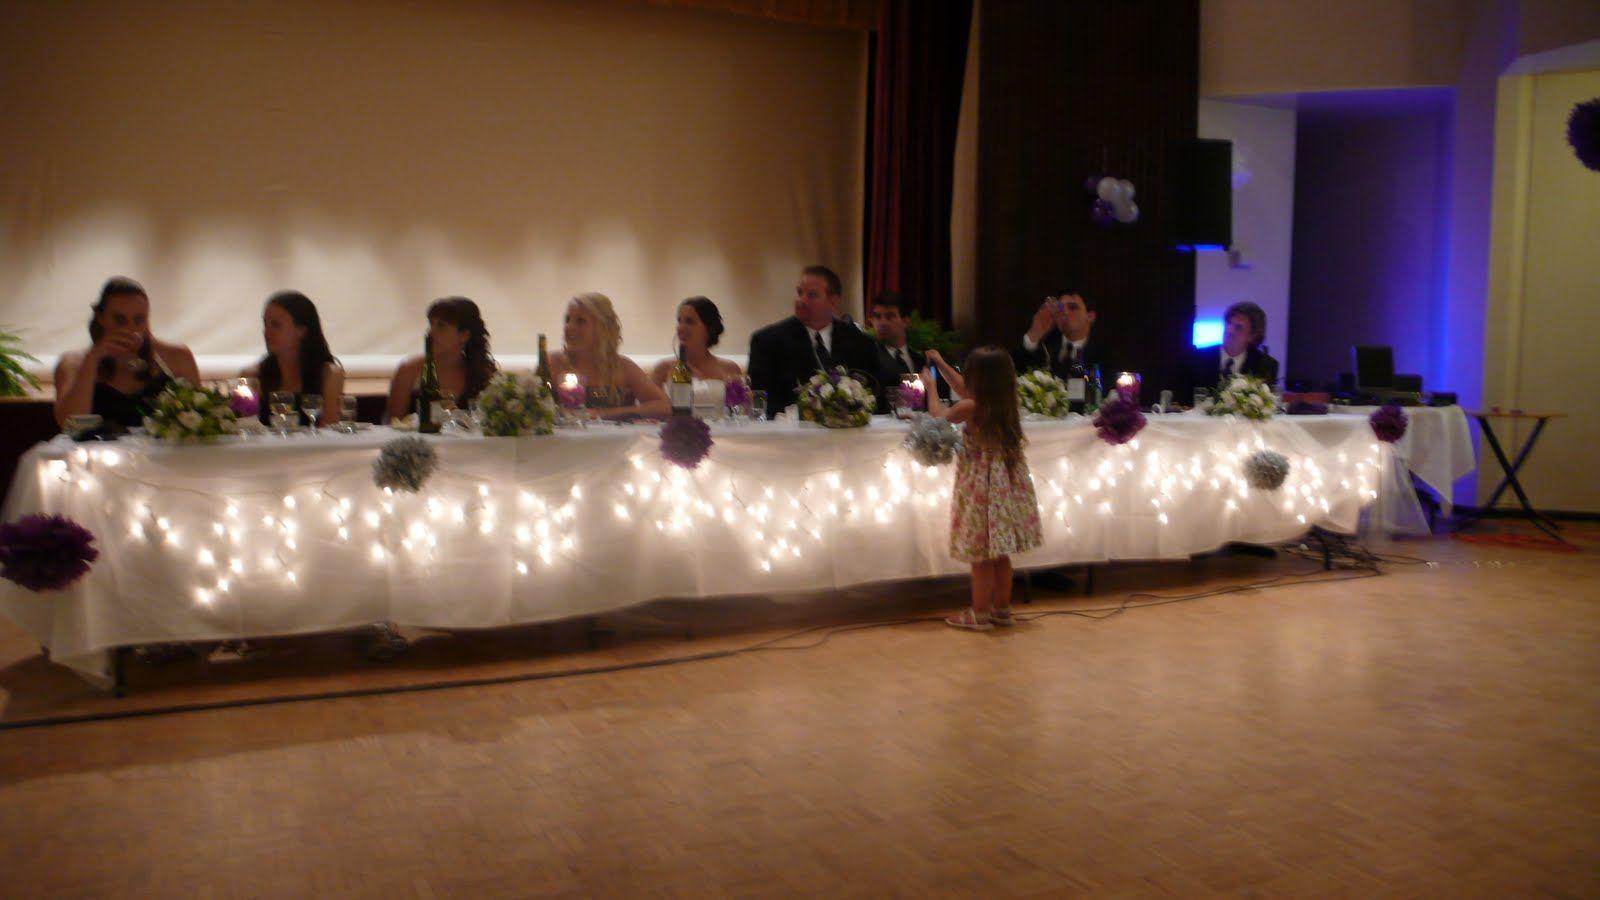 Ideas For Head Table At Wedding 5 head table wedding decoration ideas Wedding Head Table Decor Wedding Decoration Ideas Gallery